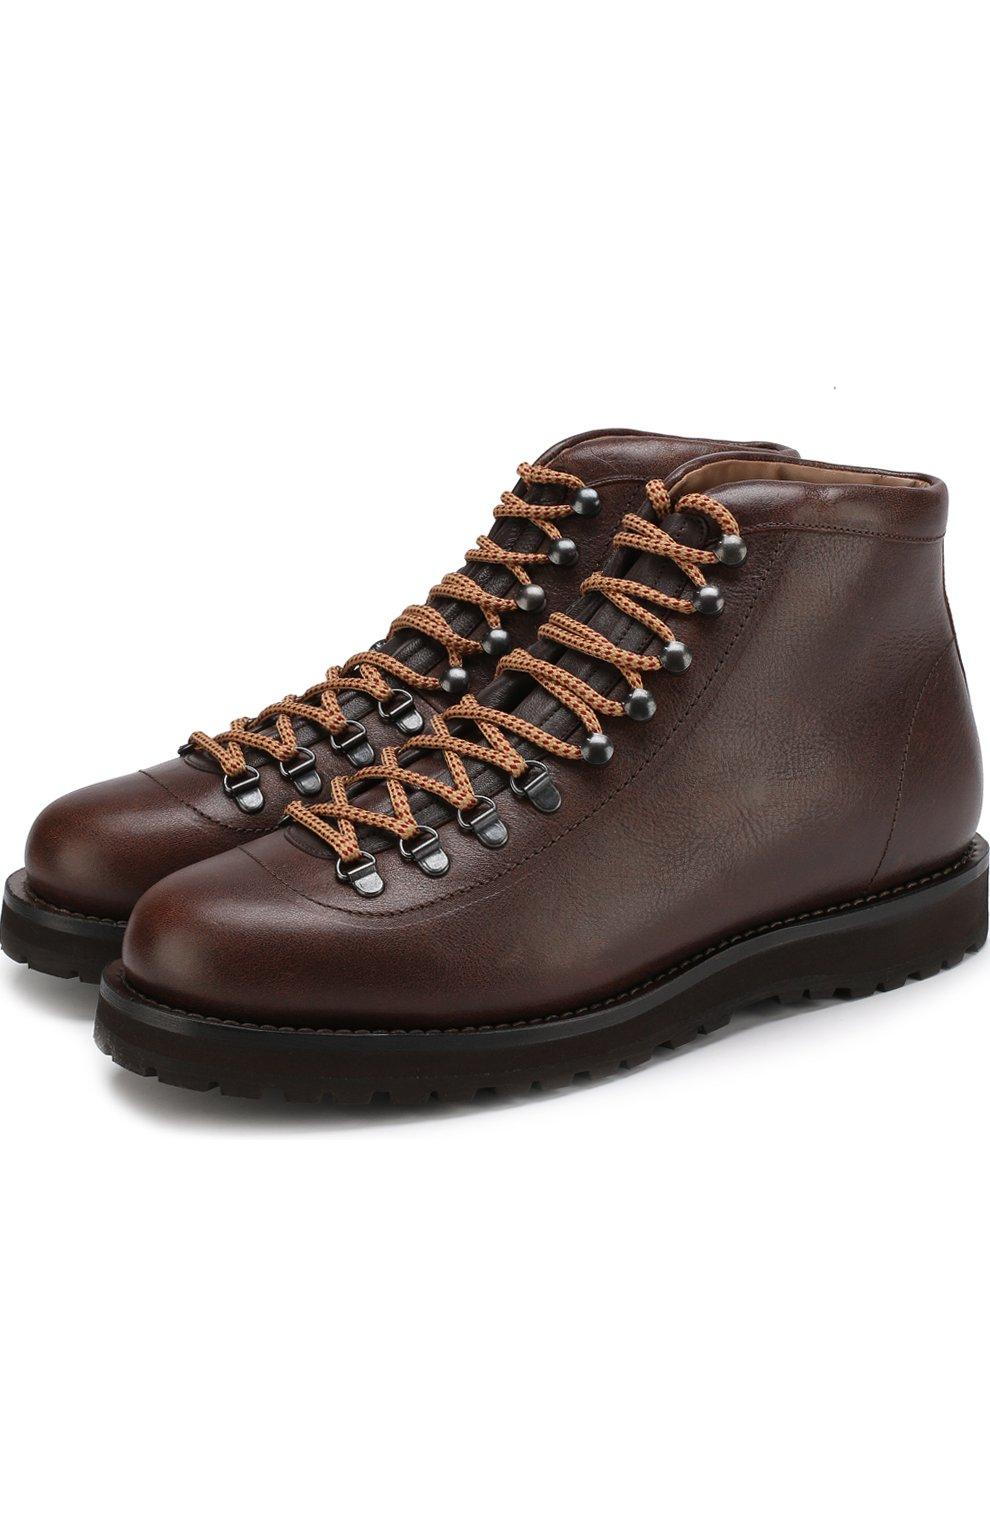 Мужские высокие кожаные ботинки на шнуровке BRUNELLO CUCINELLI коричневого цвета, арт. MZUKABH920 | Фото 1 (Мужское Кросс-КТ: Хайкеры-обувь, Ботинки-обувь; Статус проверки: Проверено, Проверена категория; Подошва: Плоская)